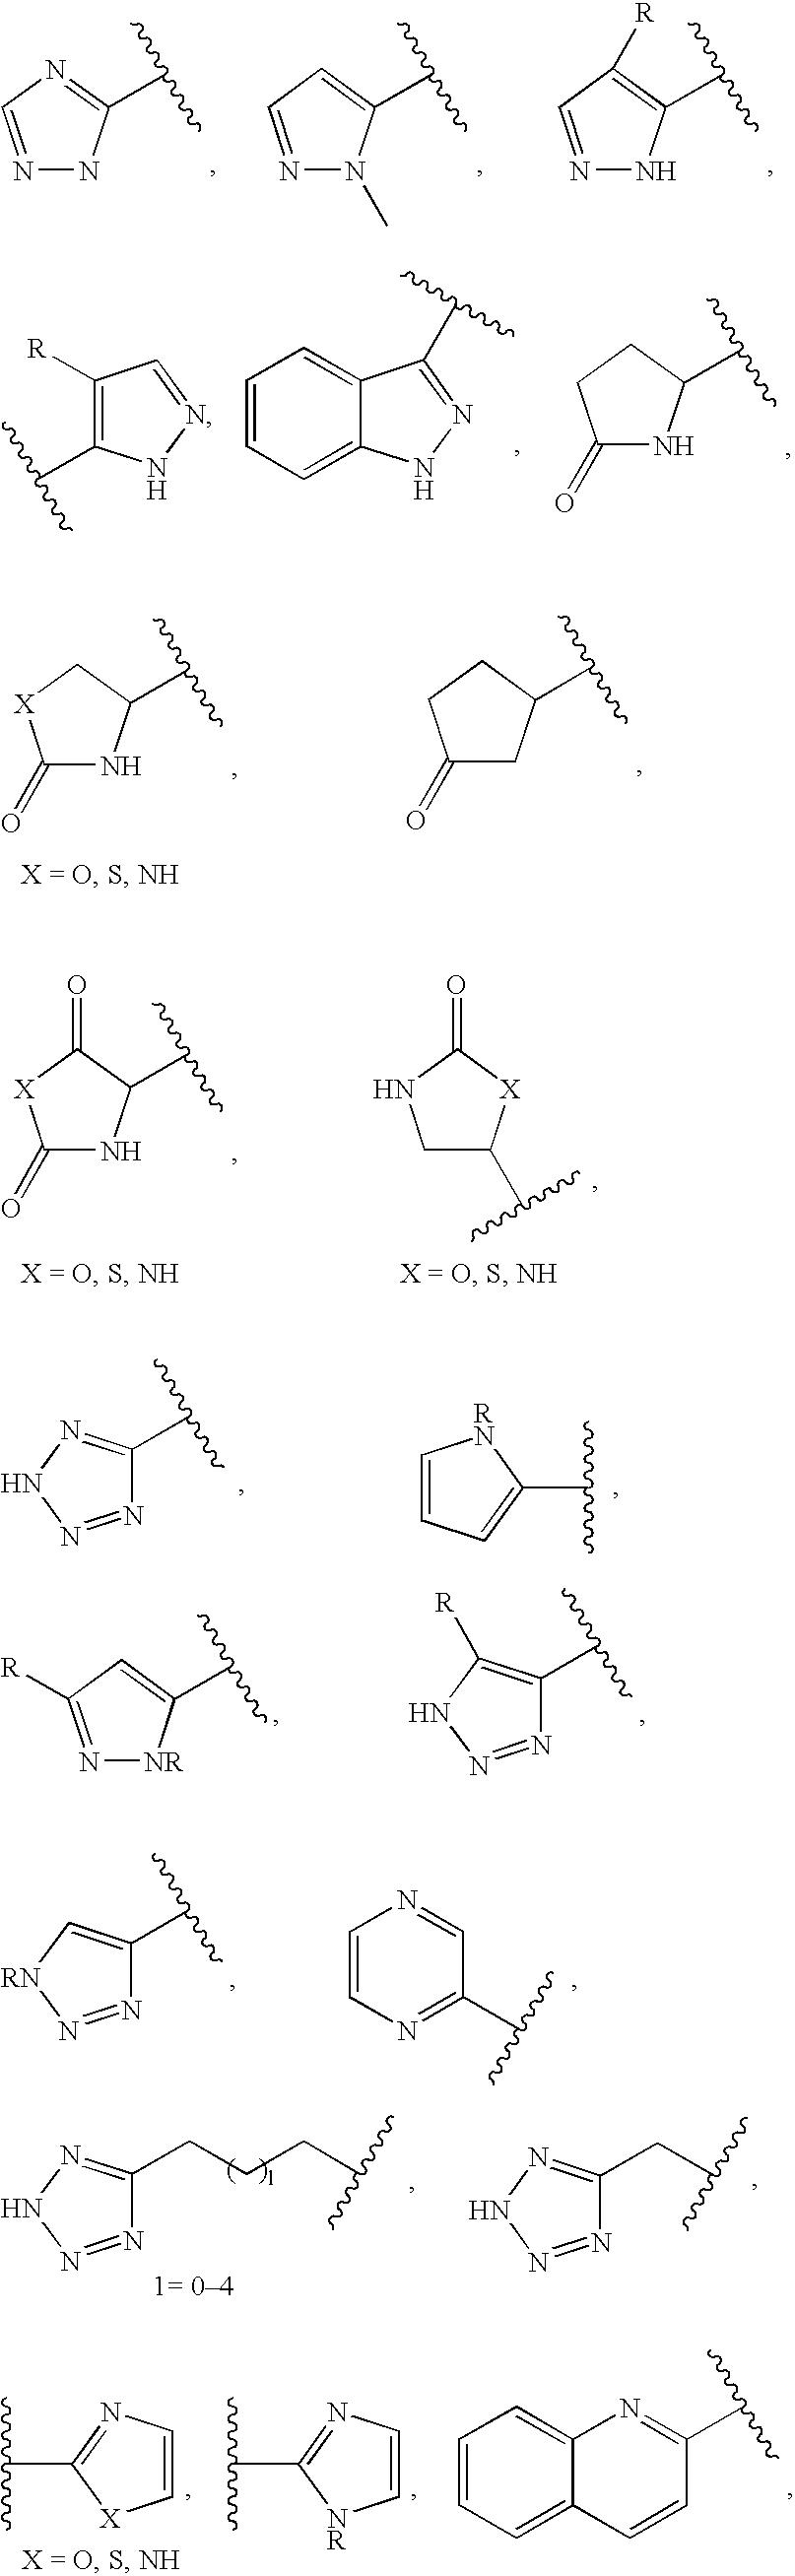 Figure US20060276404A1-20061207-C00049